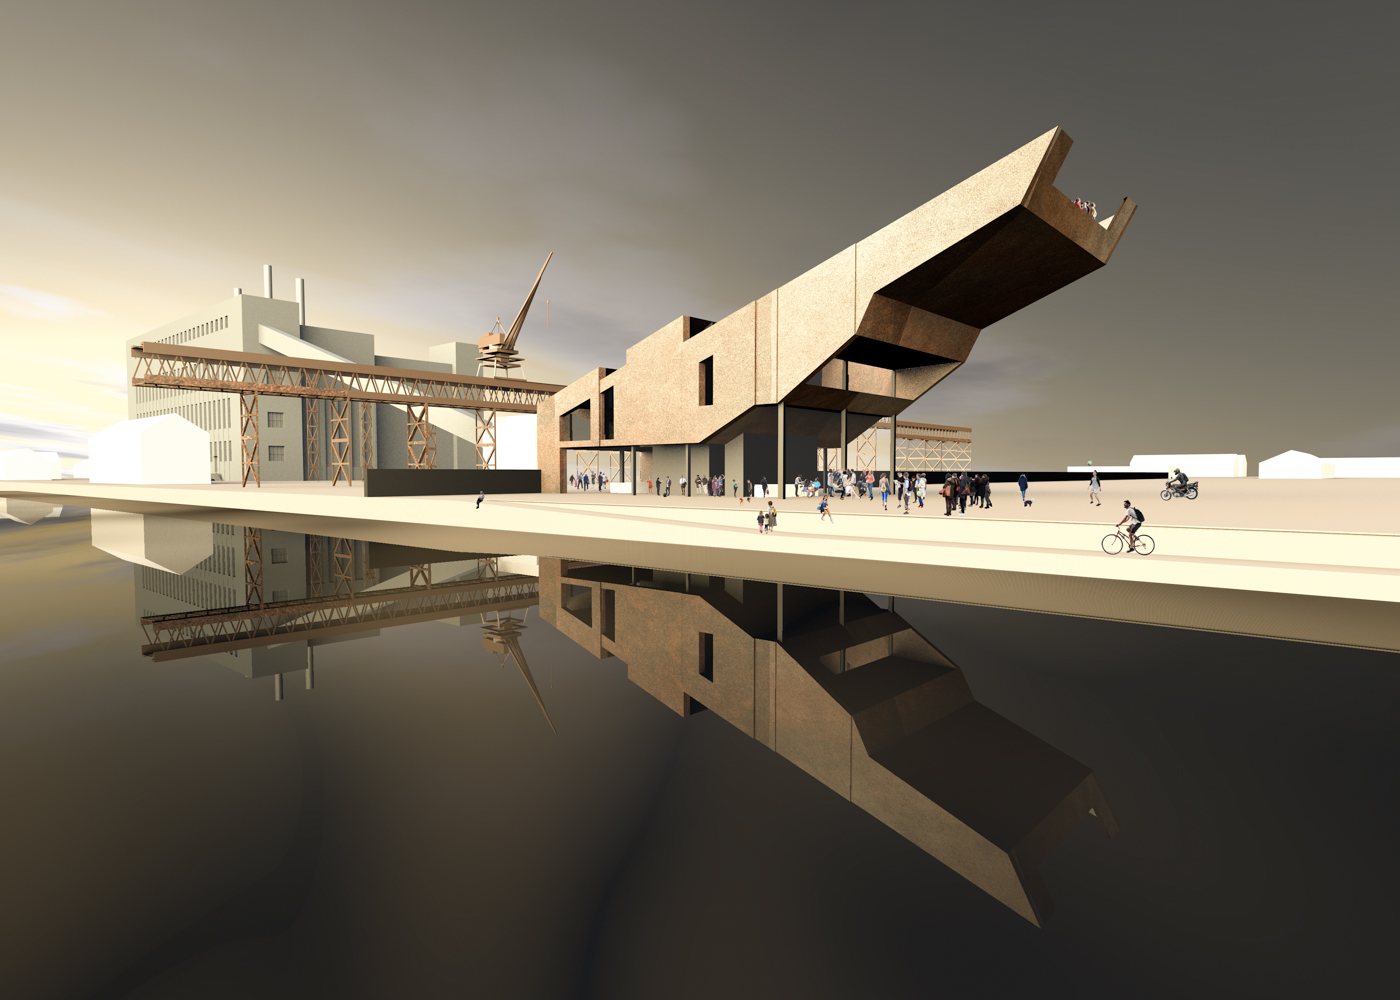 Visualisierung Wettbewerb Haus des Gastes in Peenemünde